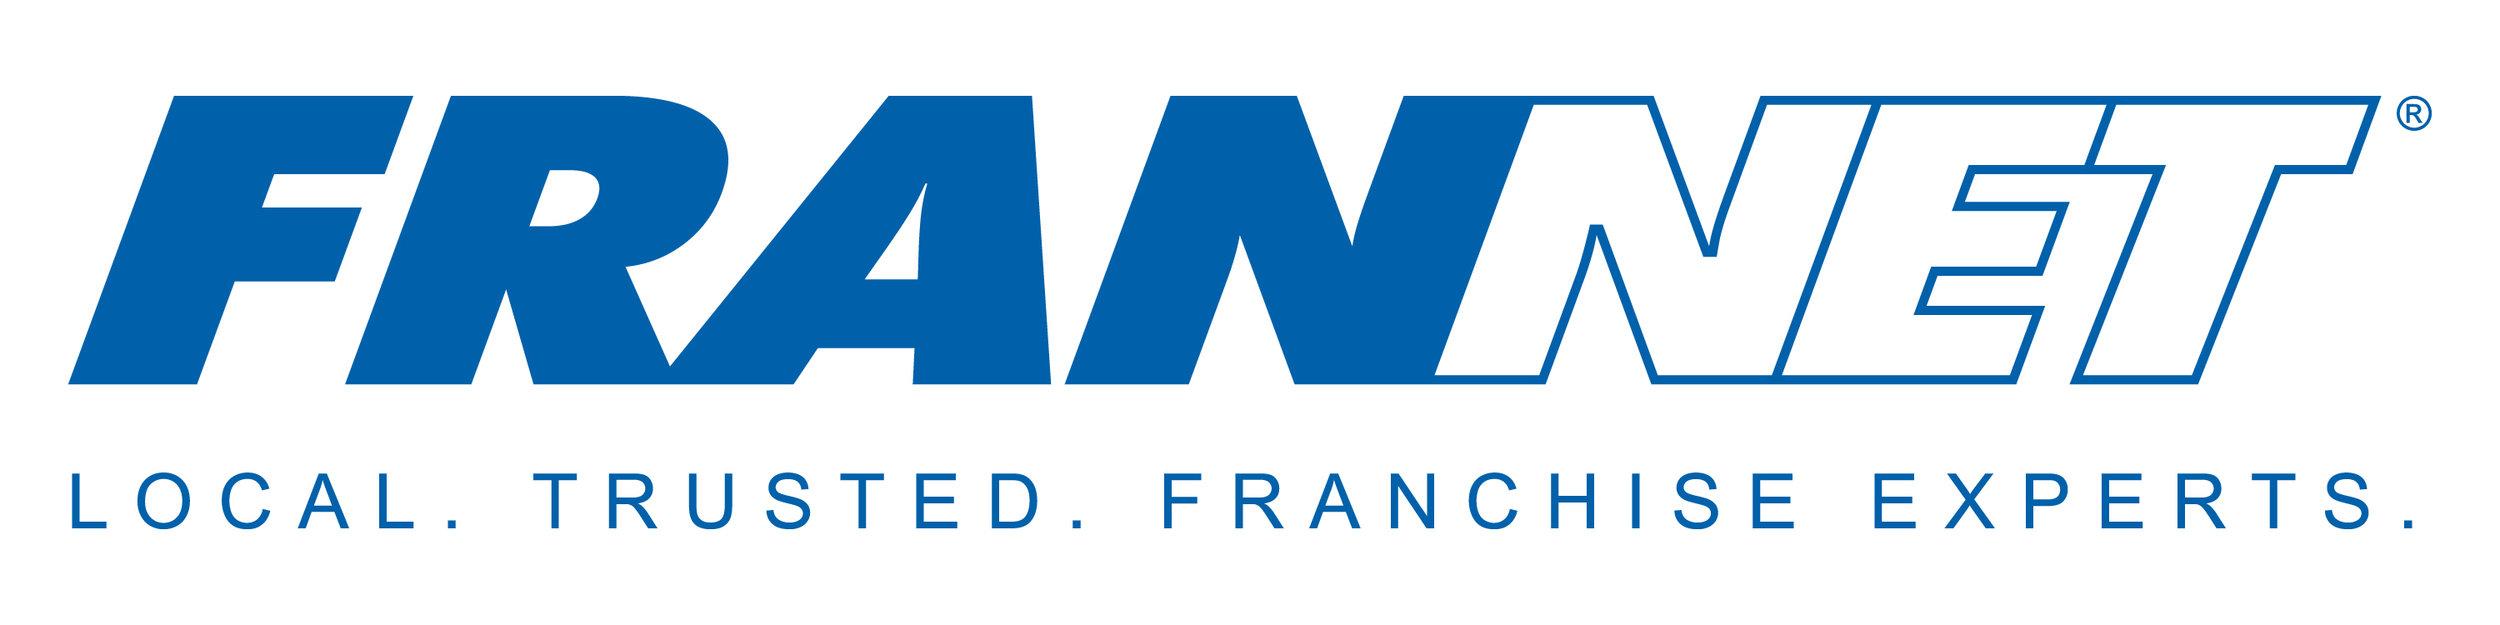 FranNet_logo_new.jpg